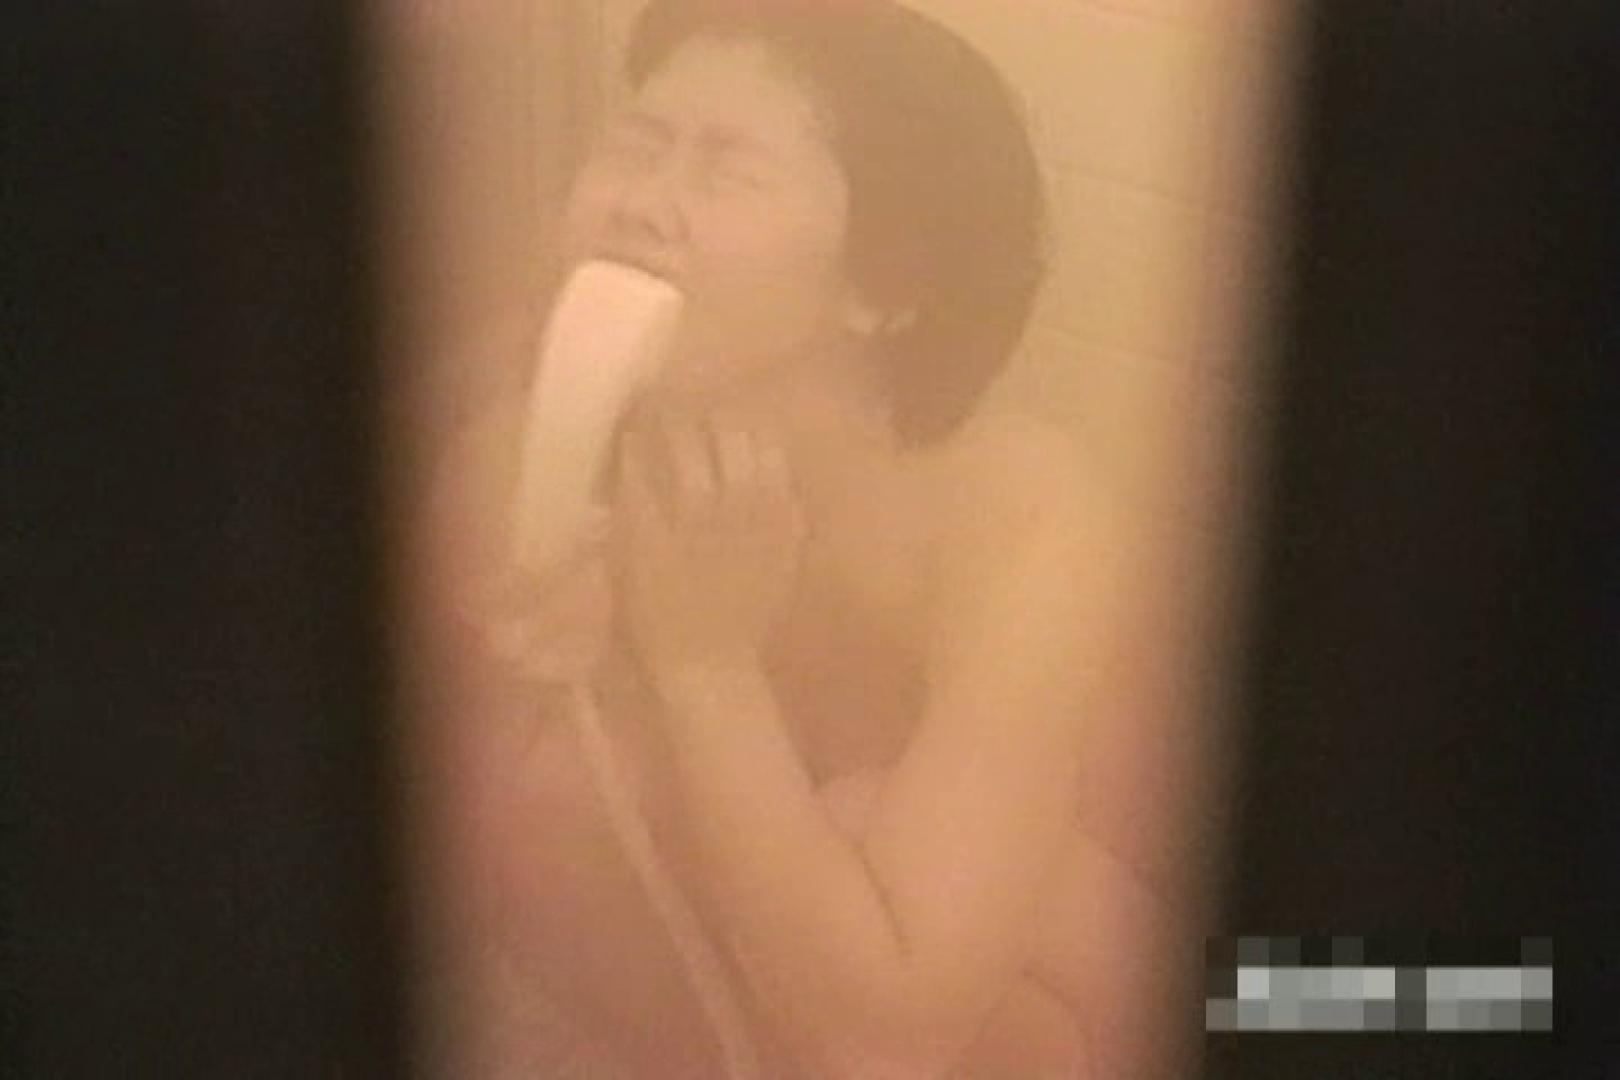 激撮ストーカー記録あなたのお宅拝見しますVol.1 ハプニング SEX無修正画像 71画像 41